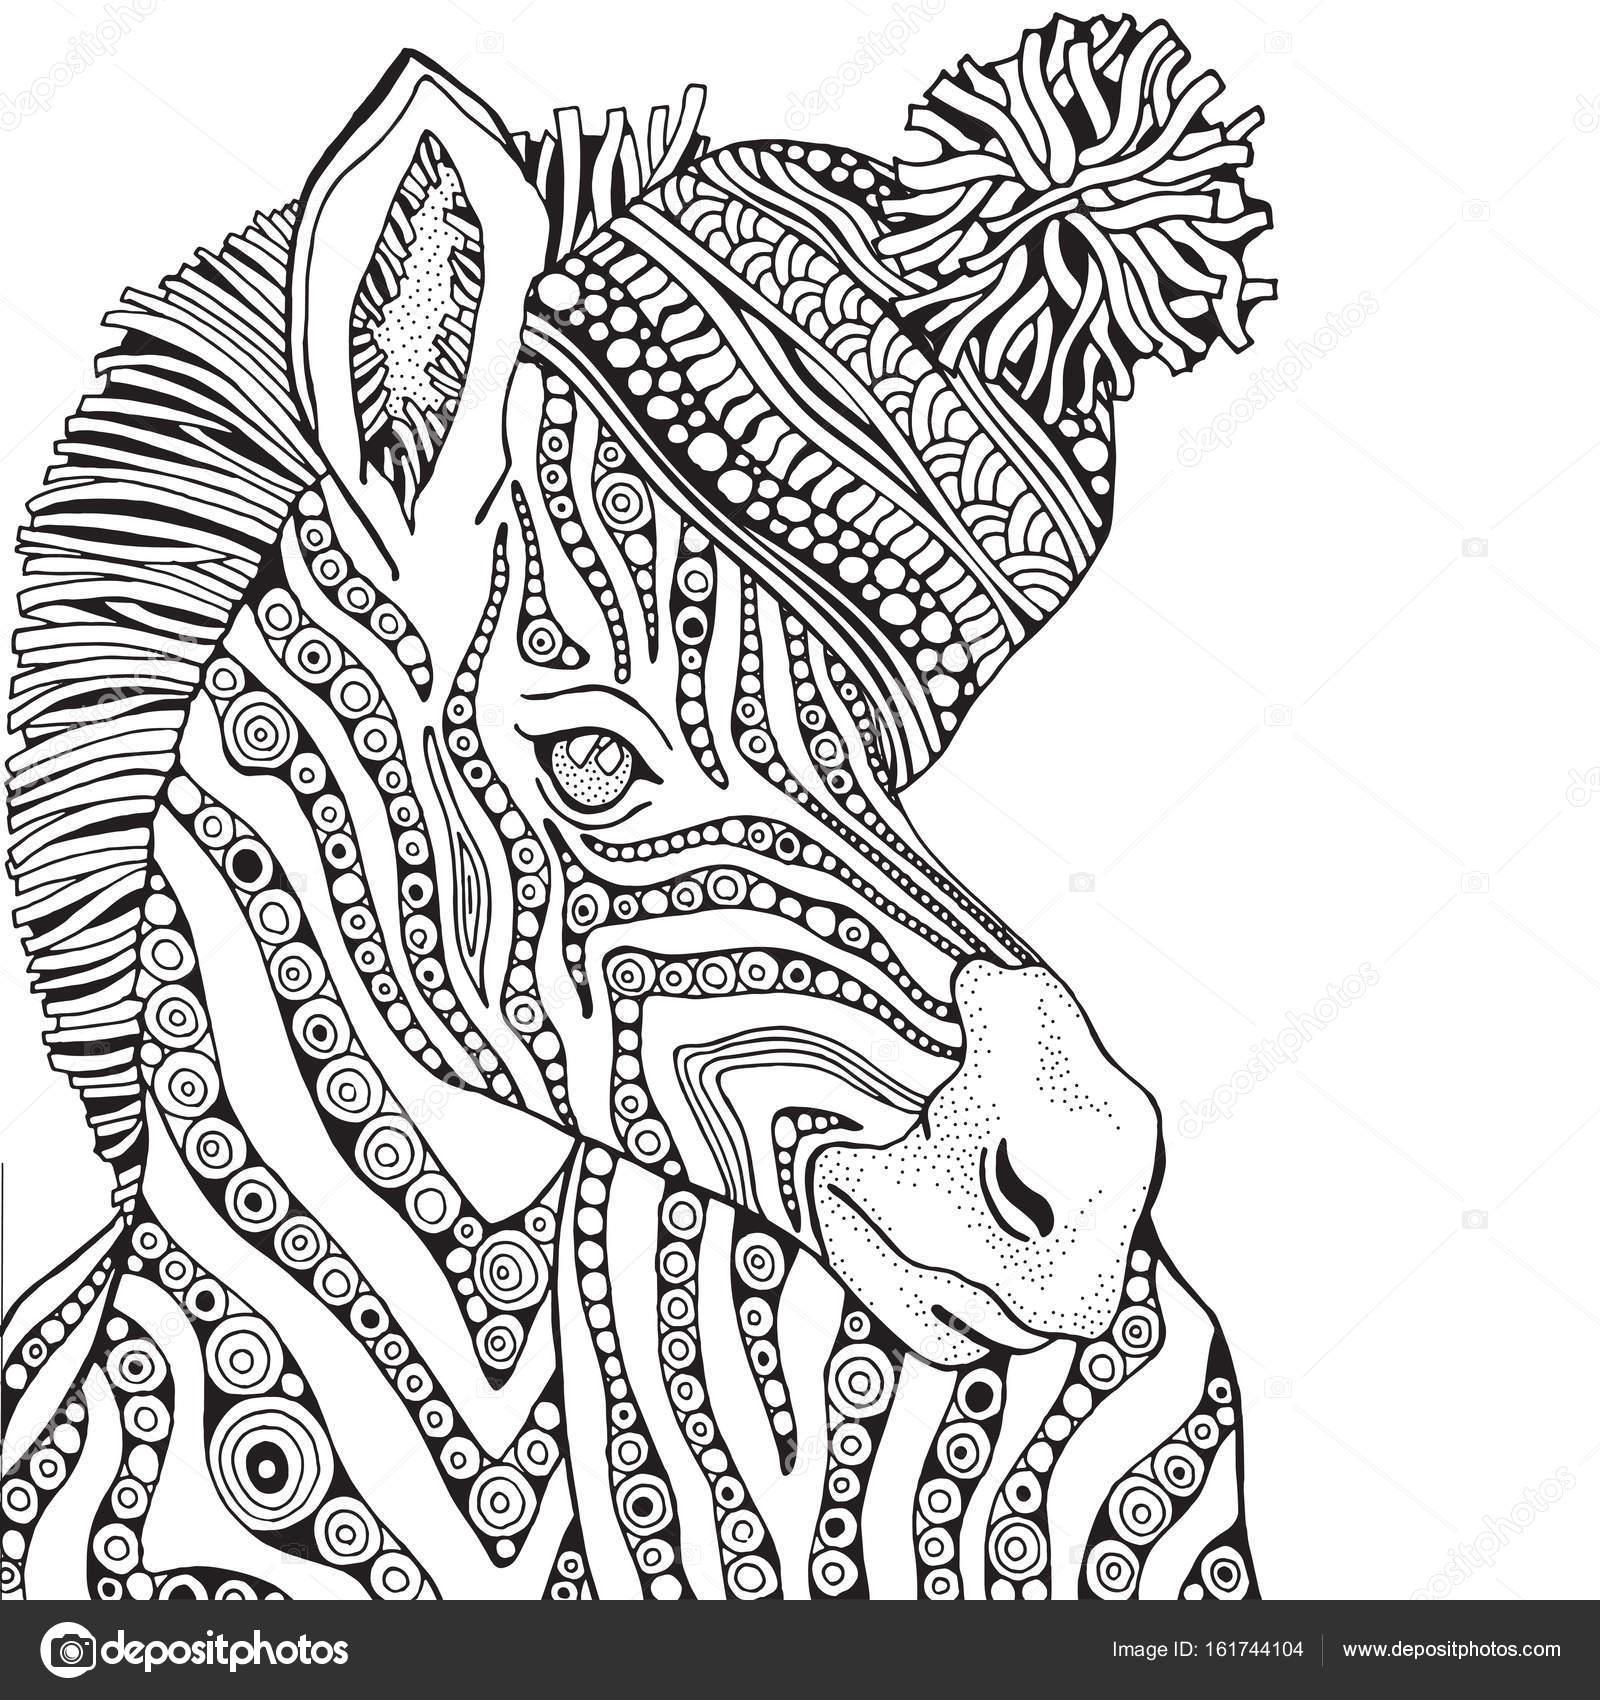 Kleurplaten Volwassenen Zebra.Zebra In Zentangle Stijl Stockvector C Imhope Yandex Ru 161744104